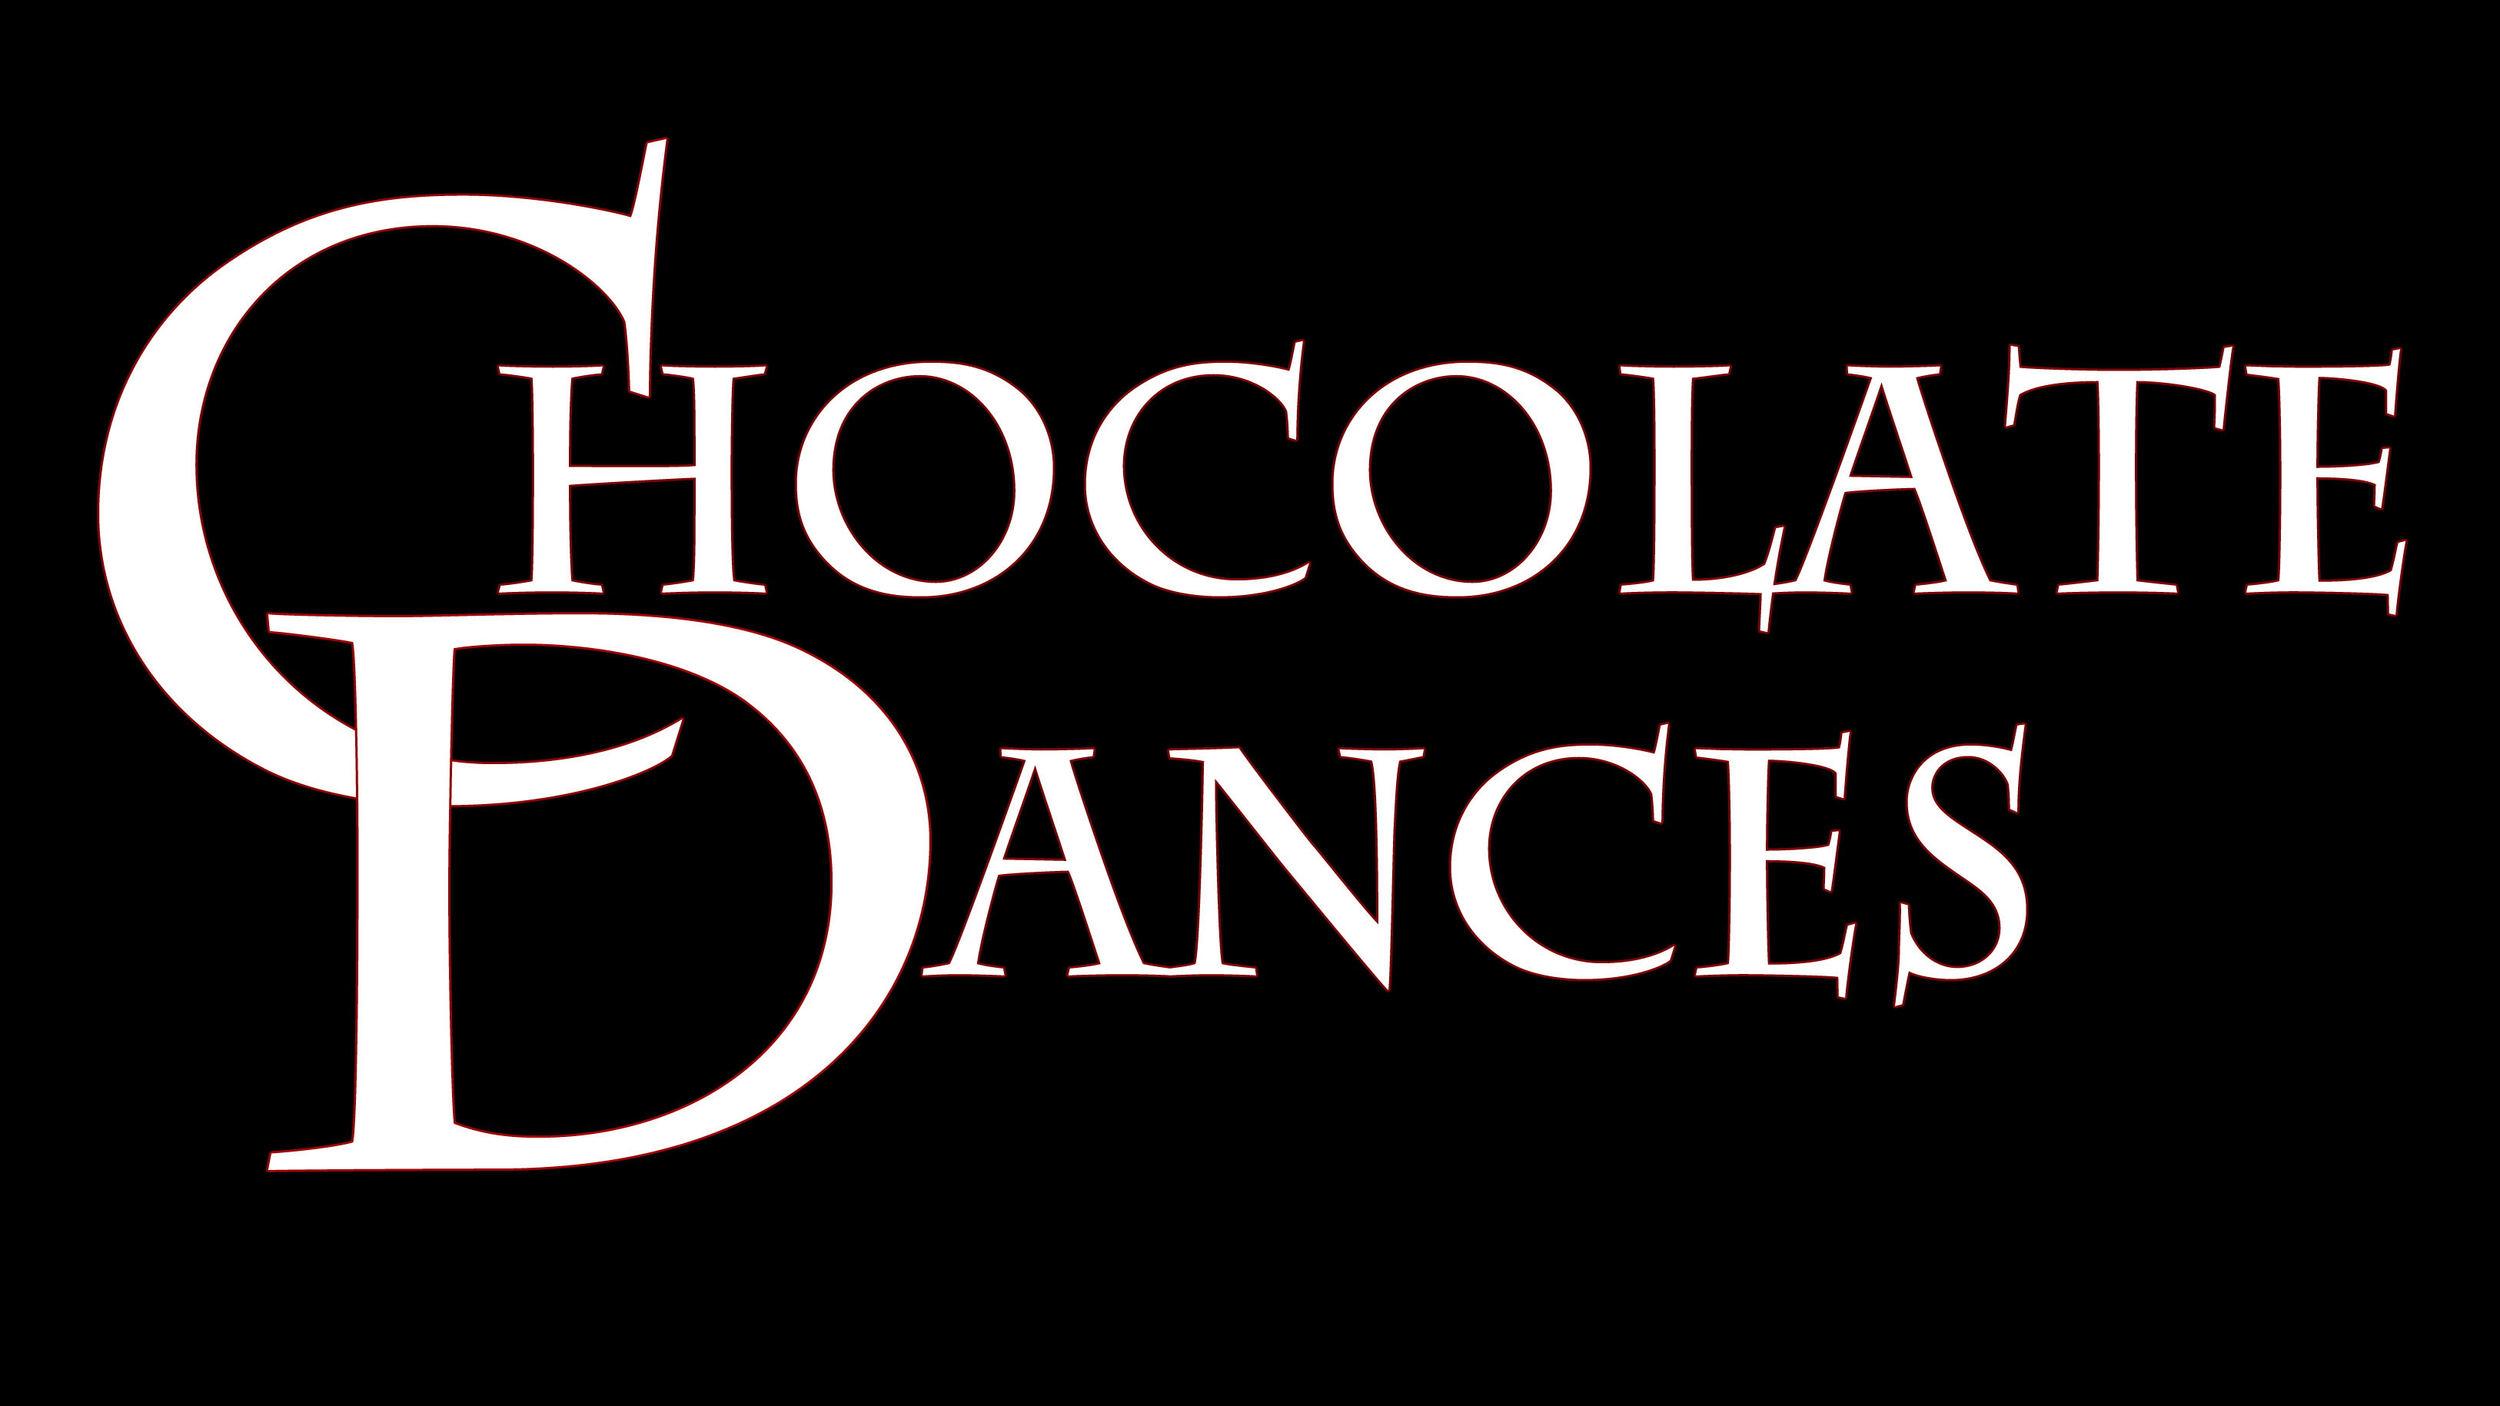 chocolatedanceslogo.jpg